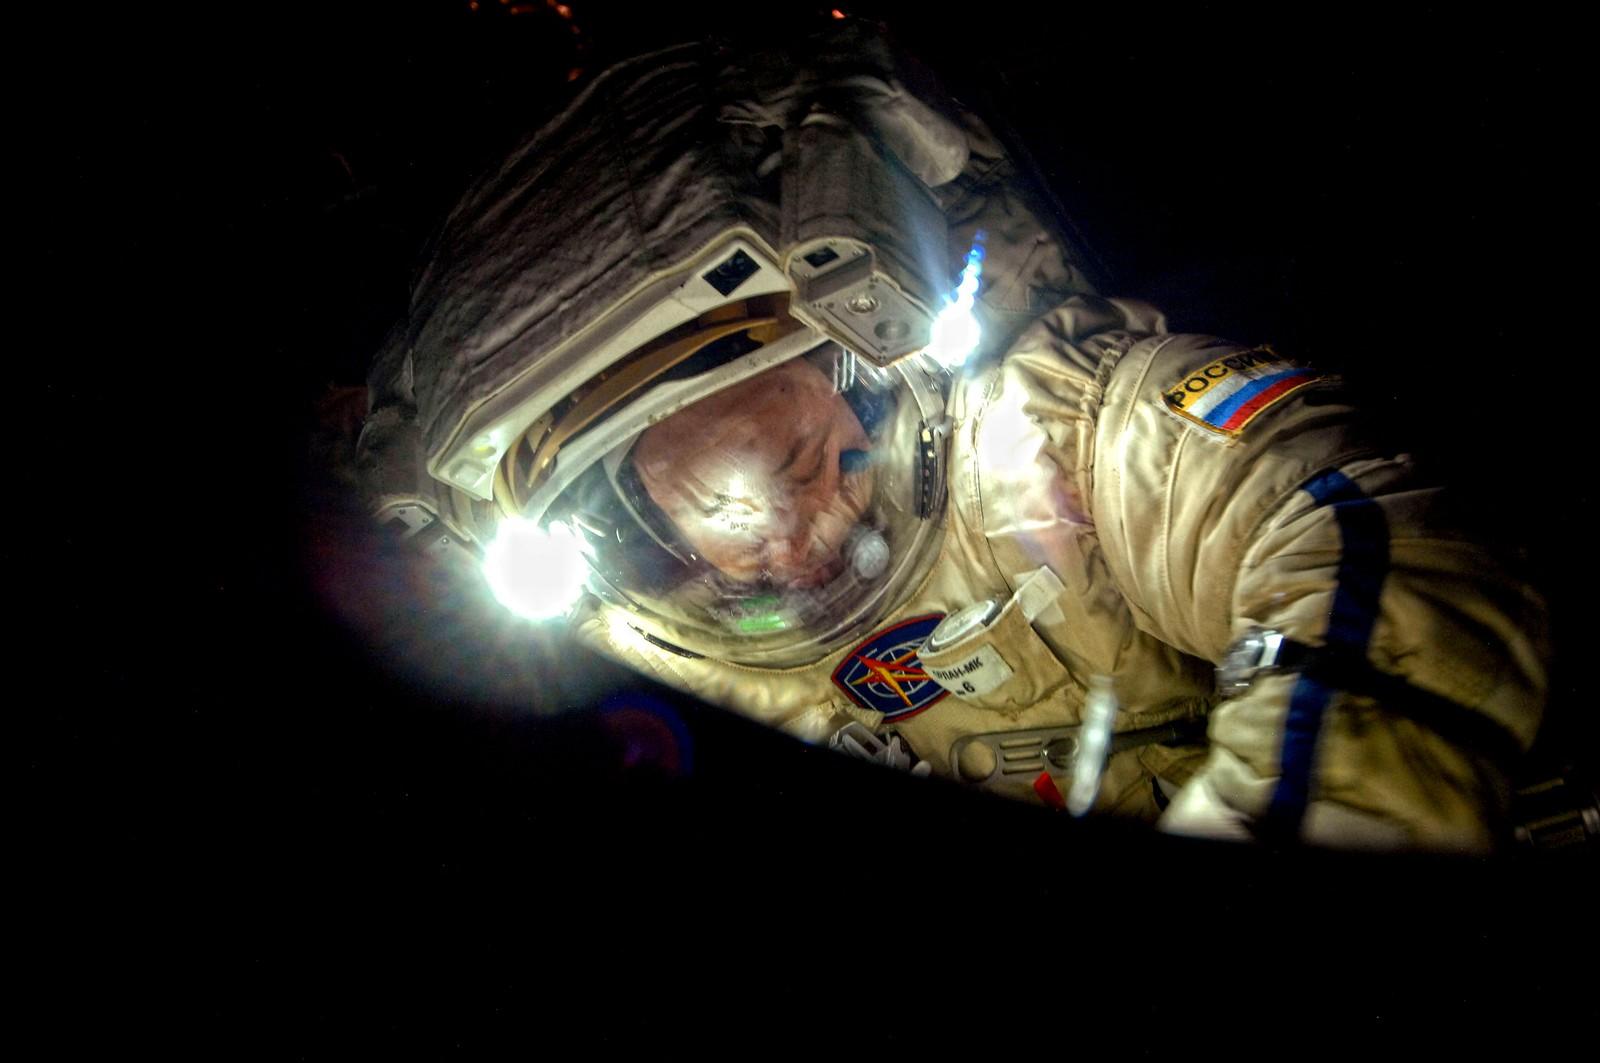 Cosmonaut | by sjrankin